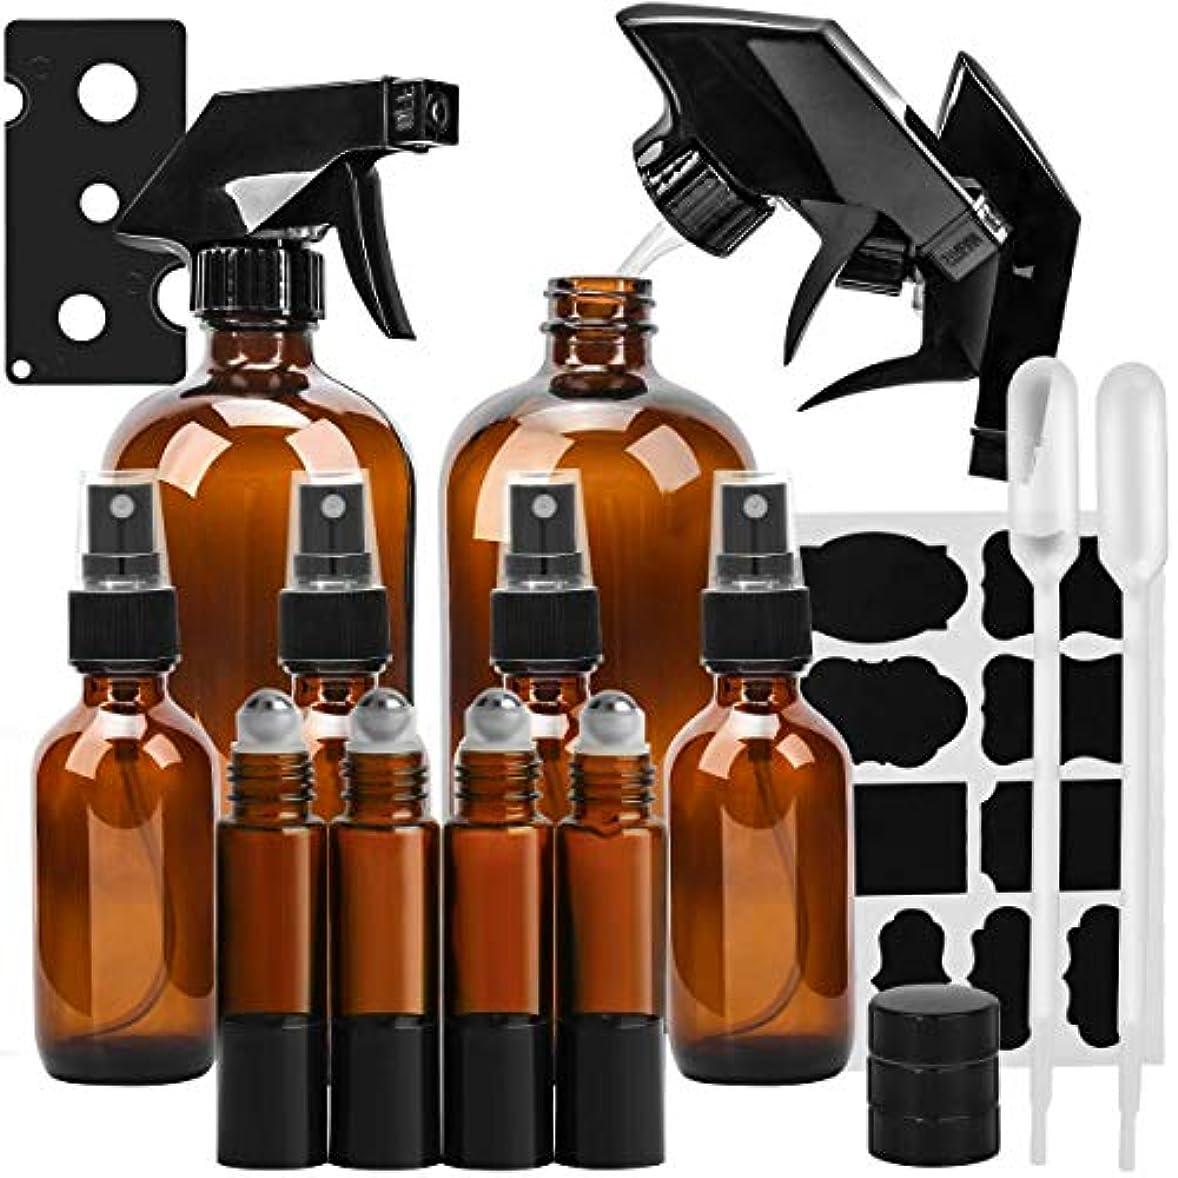 夜シンク意志に反するKAMOTA 16オンス×2 2オンス×4 10ミリリットルローラーボトル×4 - 製品やアロマテラピーを清掃エッセンシャルオイル 用 詰め替え容器 セットガラススプレーボトルアンバーガラススプレーボトル アンバー-2